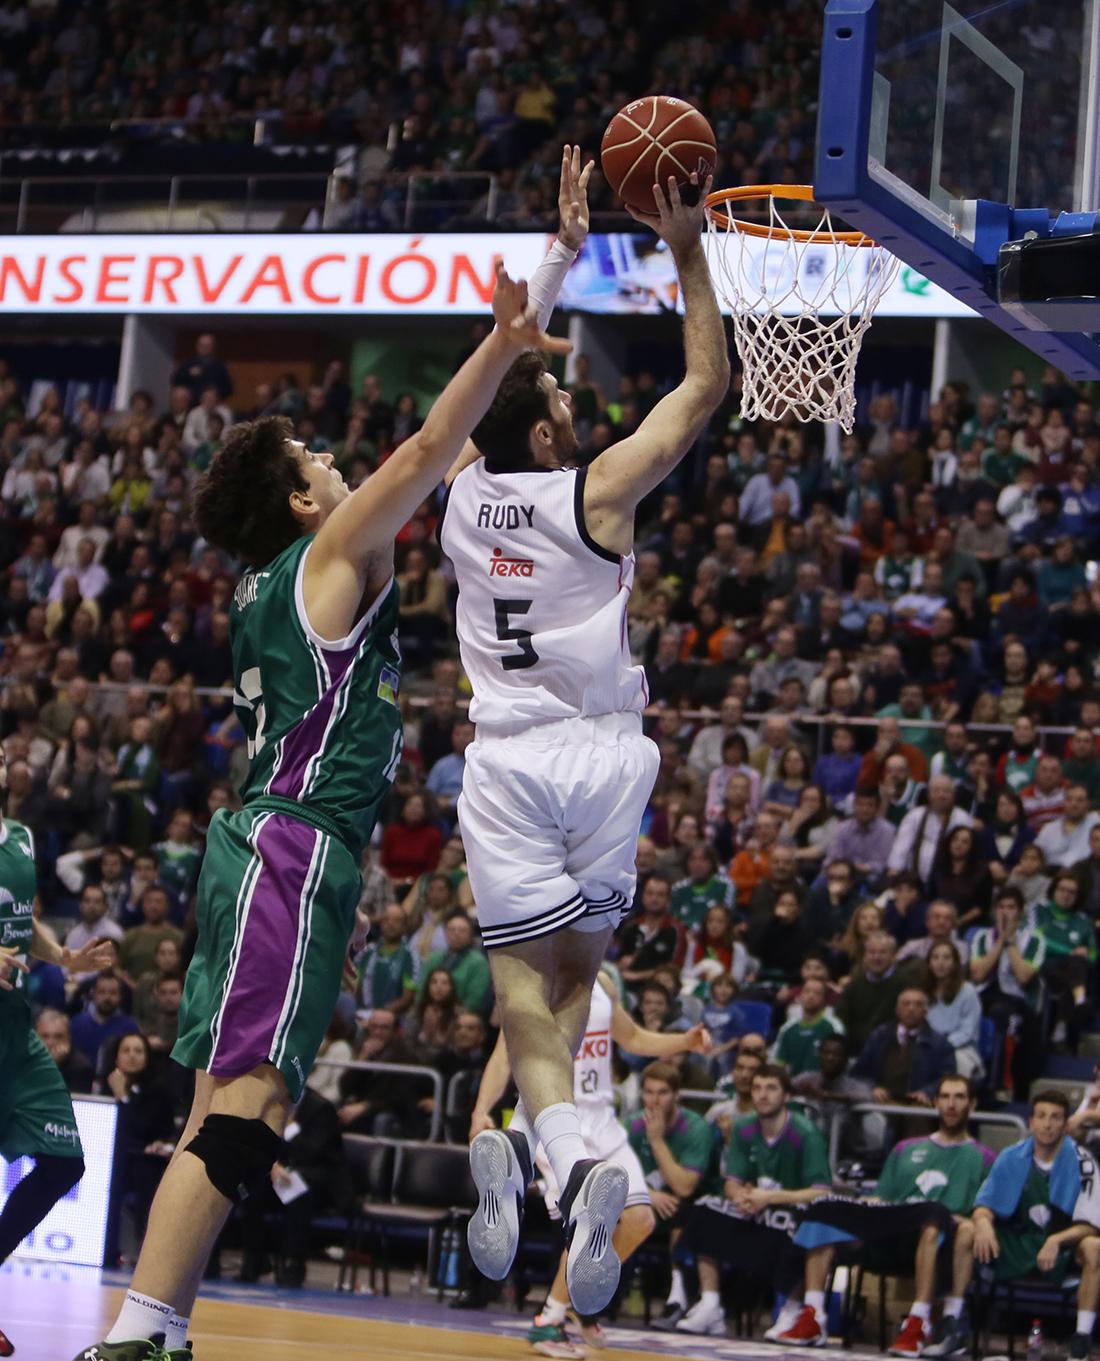 Primera victoria del Madrid en el Top 16 de la Euroliga en viva basquet